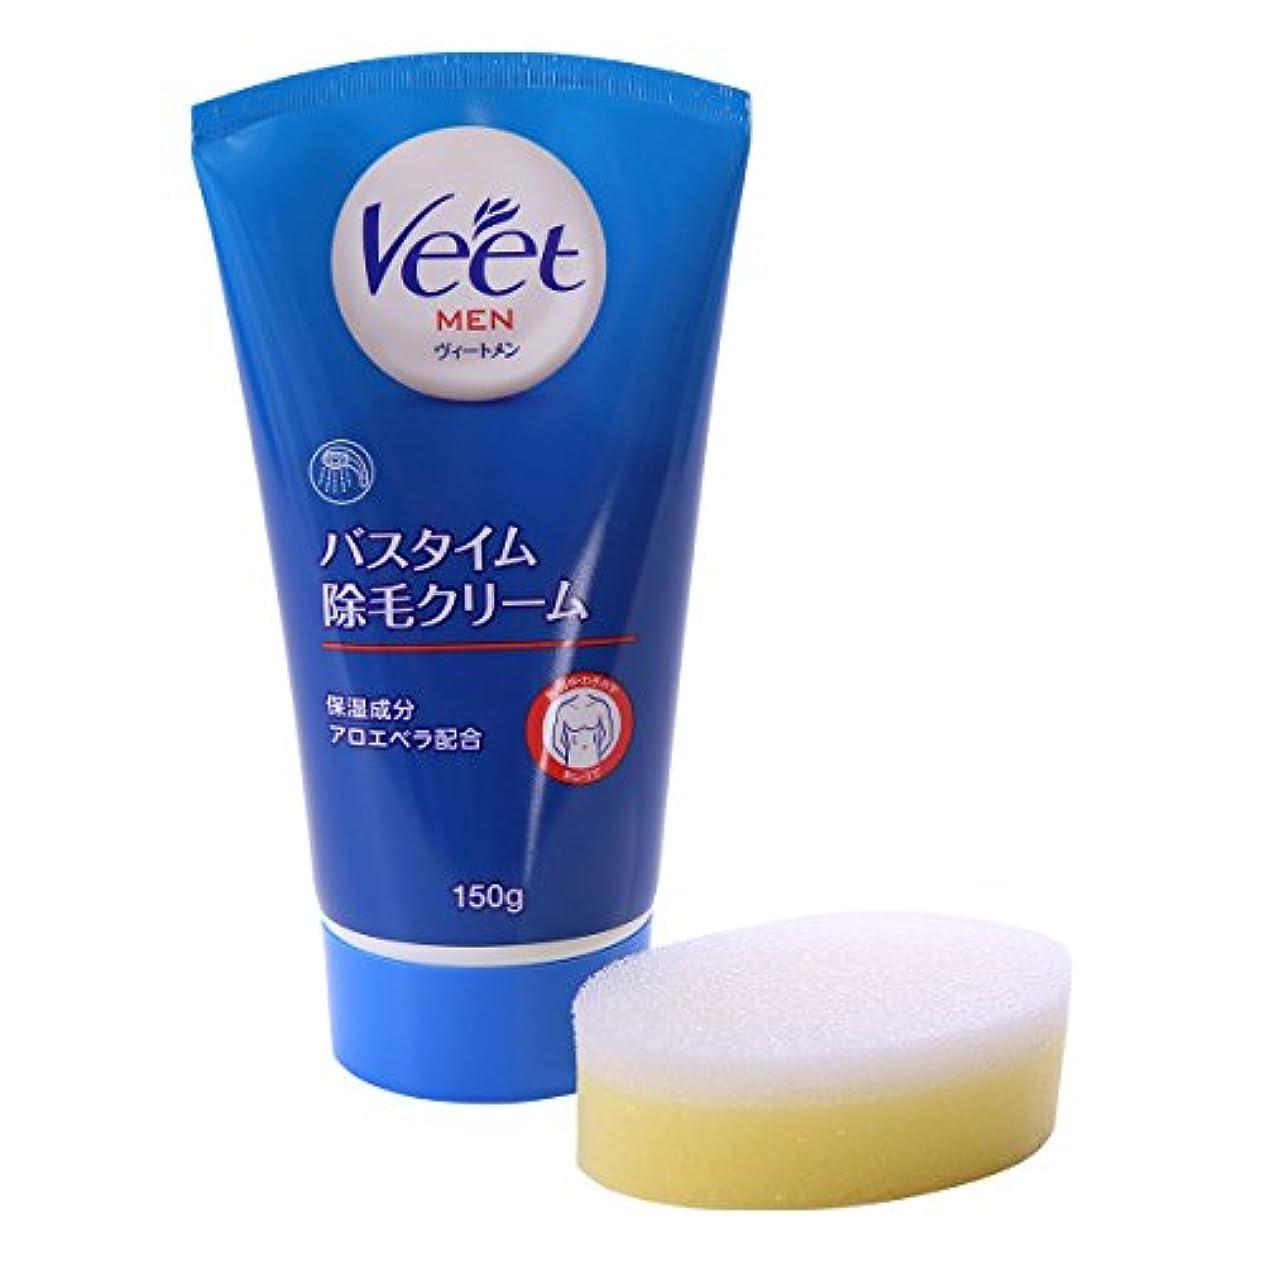 少年タブレットスライム(ヴィート)Veet メンズ バスタイム 除毛クリーム あし うで 胸 背中 わきの下